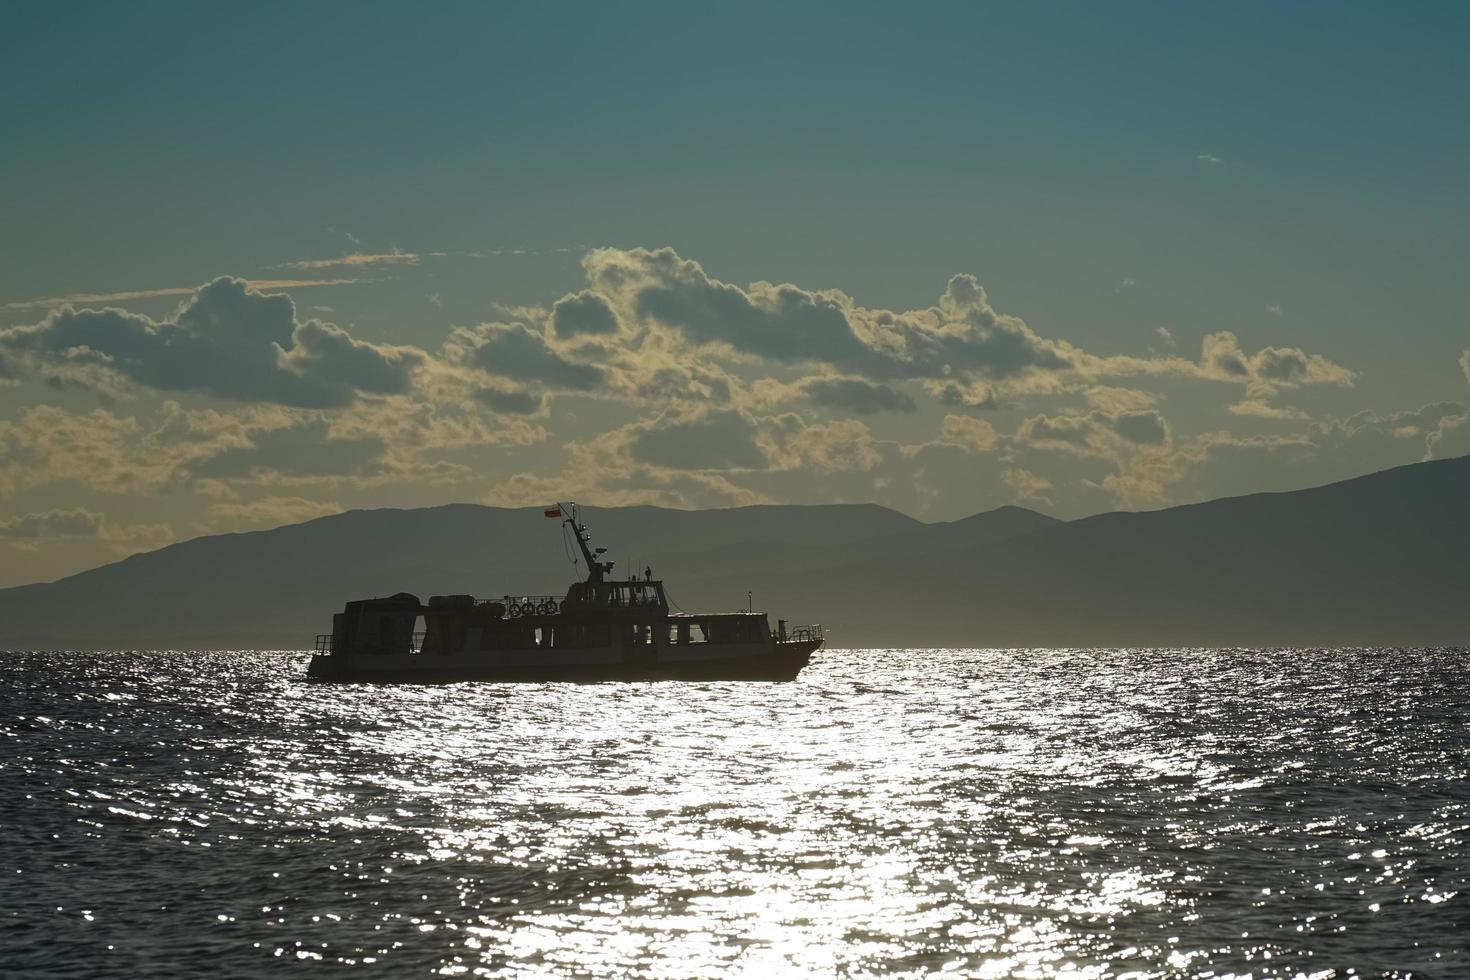 silueta del barco contra el paisaje marino foto